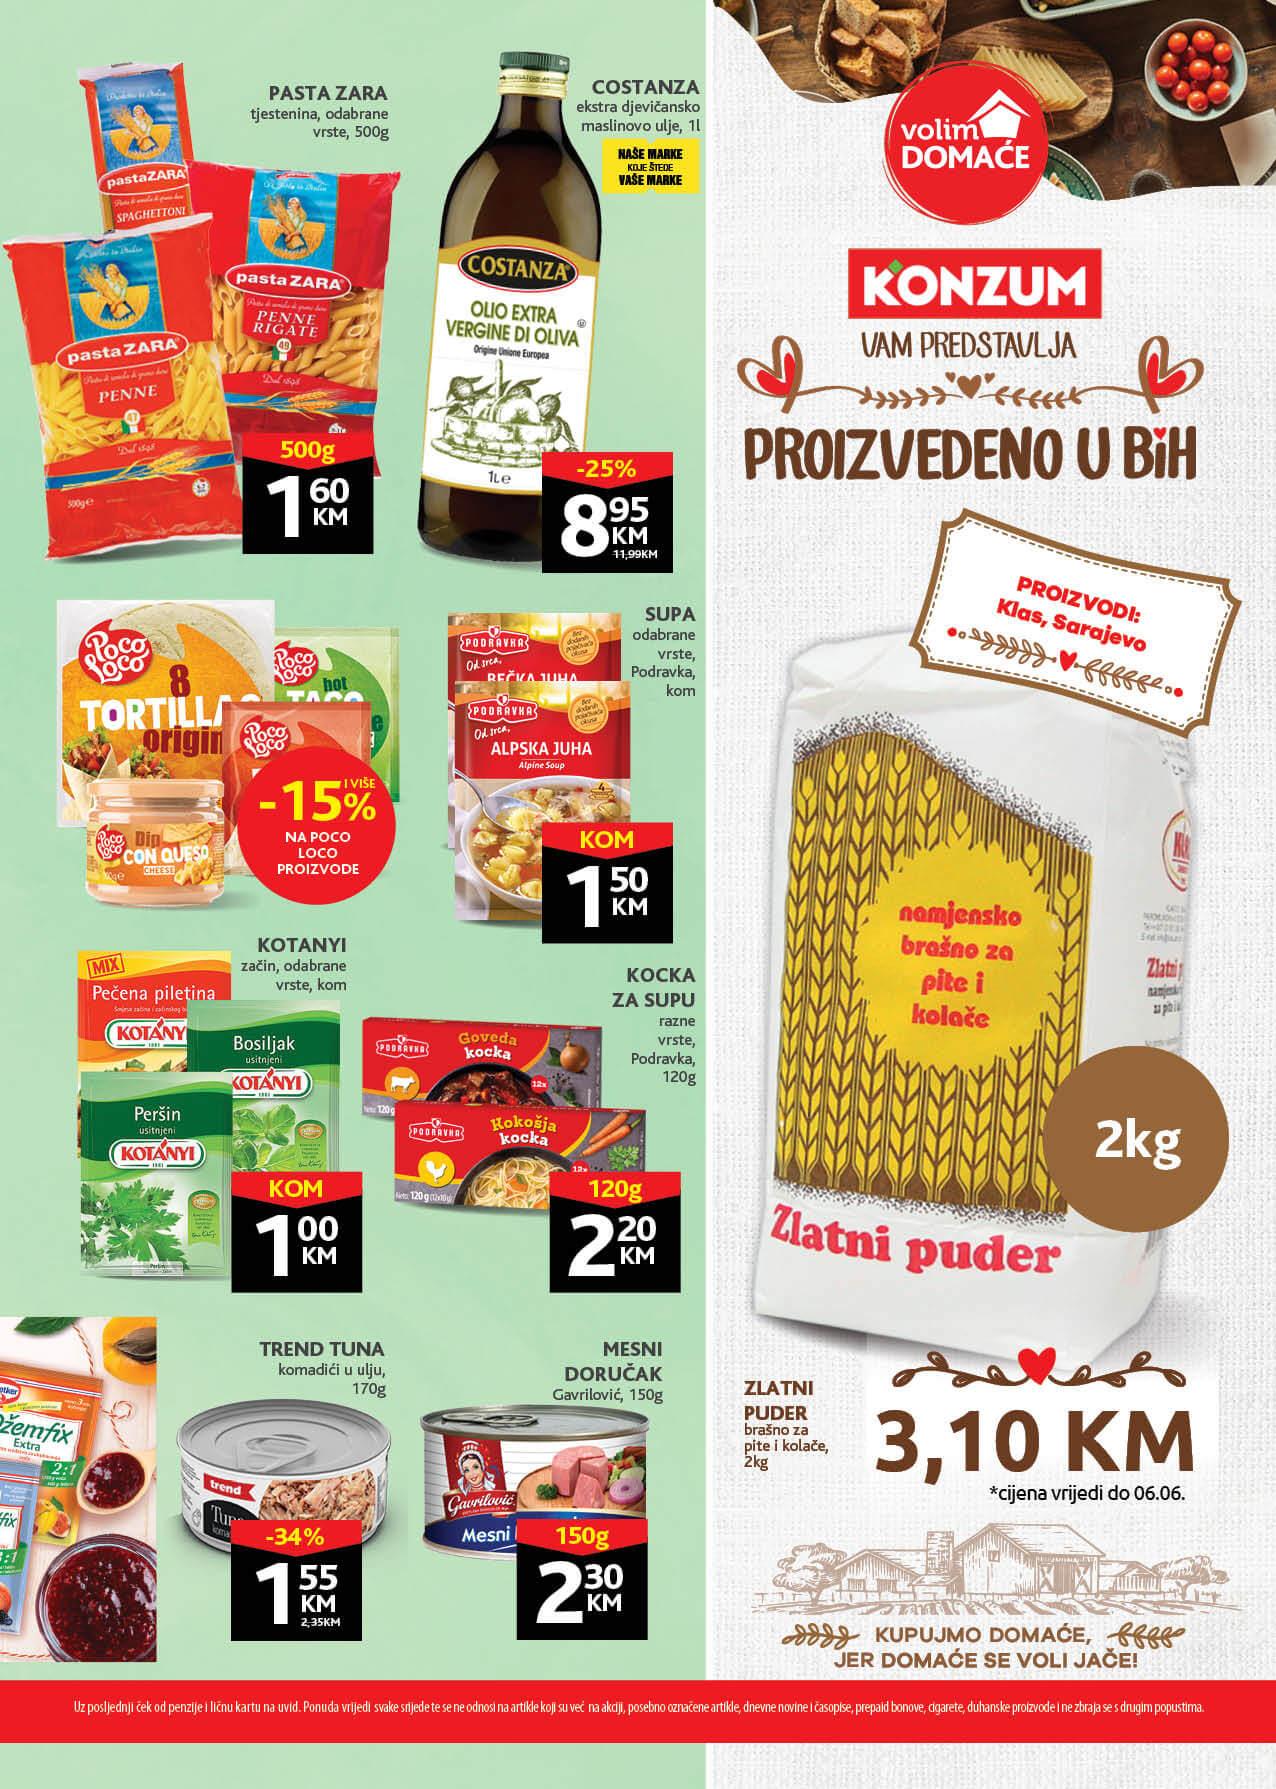 KONZUM Redovni katalog MAJ JUN 2021 24.05.2021. 03.06.2021. ekatalozi.com 1 Page 13